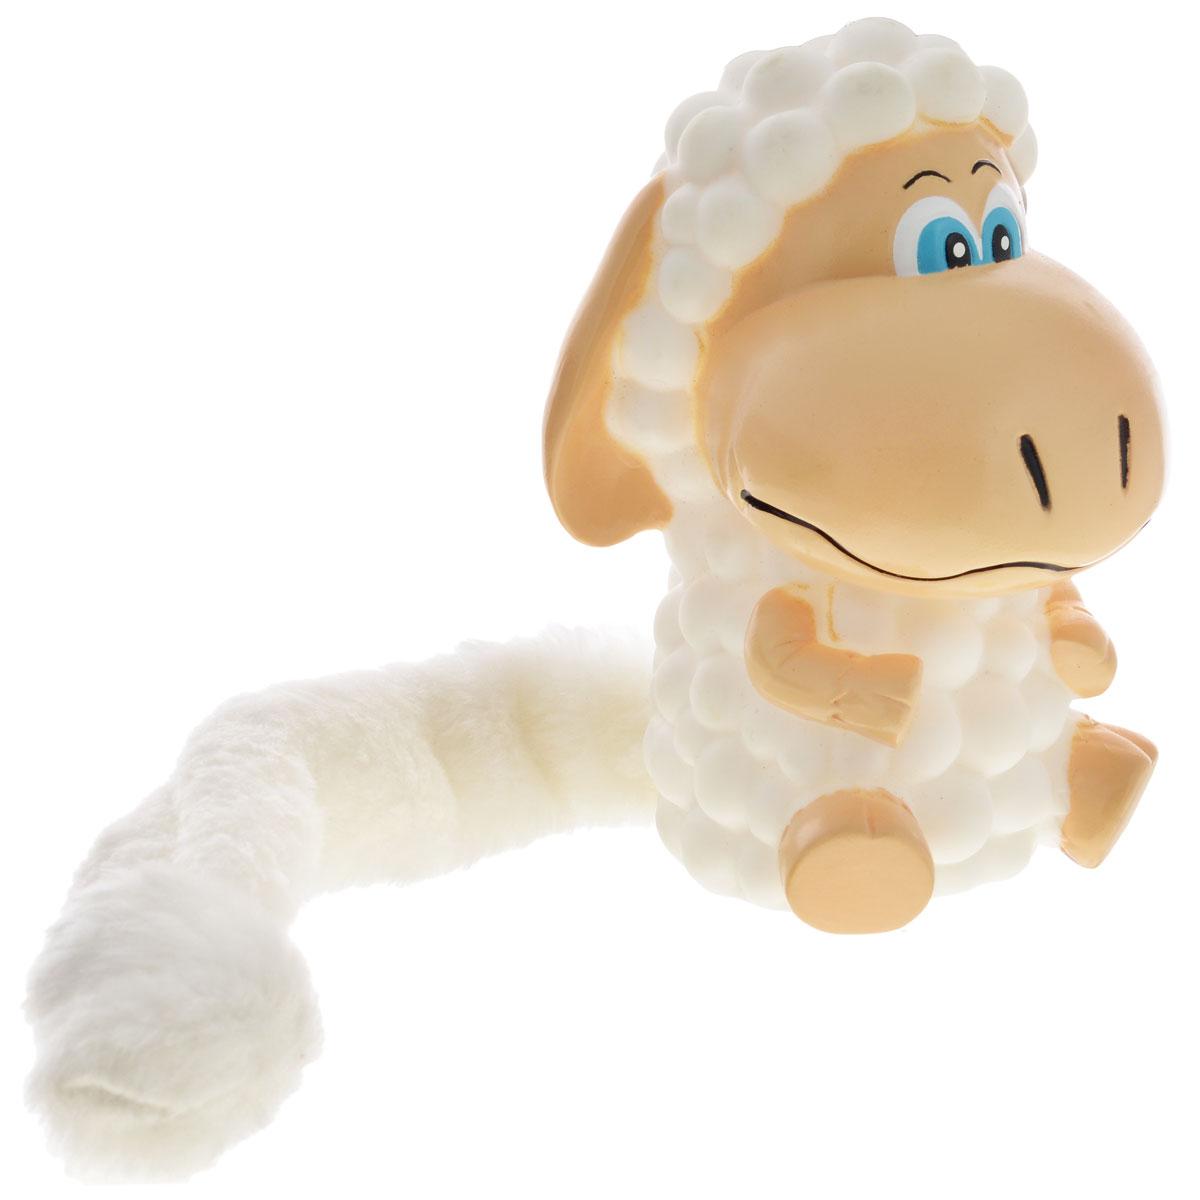 Игрушка для собак Aveva Овечка13309Игрушка для собак Aveva Овечка, выполненная в виде забавной овечки с плюшевым хвостом, изготовлена из резины. Такая игрушка позволит весело провести время вашему питомцу, а также поможет вам сохранить в целости личные вещи и предметы интерьера. Яркая игрушка привлечет внимание вашего любимца, не навредит здоровью и займет его на долгое время. Длина хвоста игрушки: 20 см.